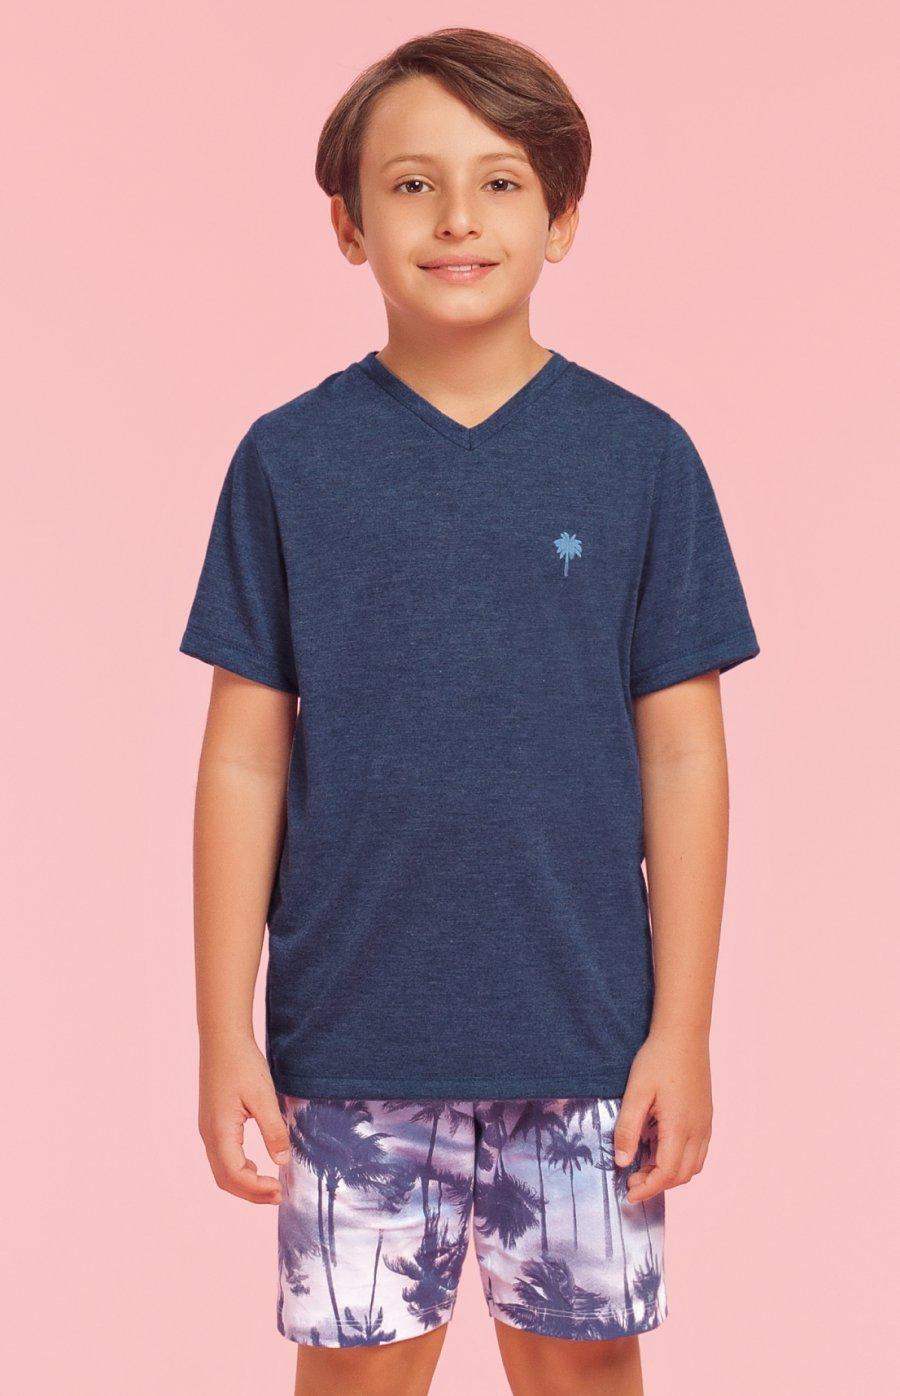 Pijama Infantil Masculino 1/2 Malha Tropical Verão 2019